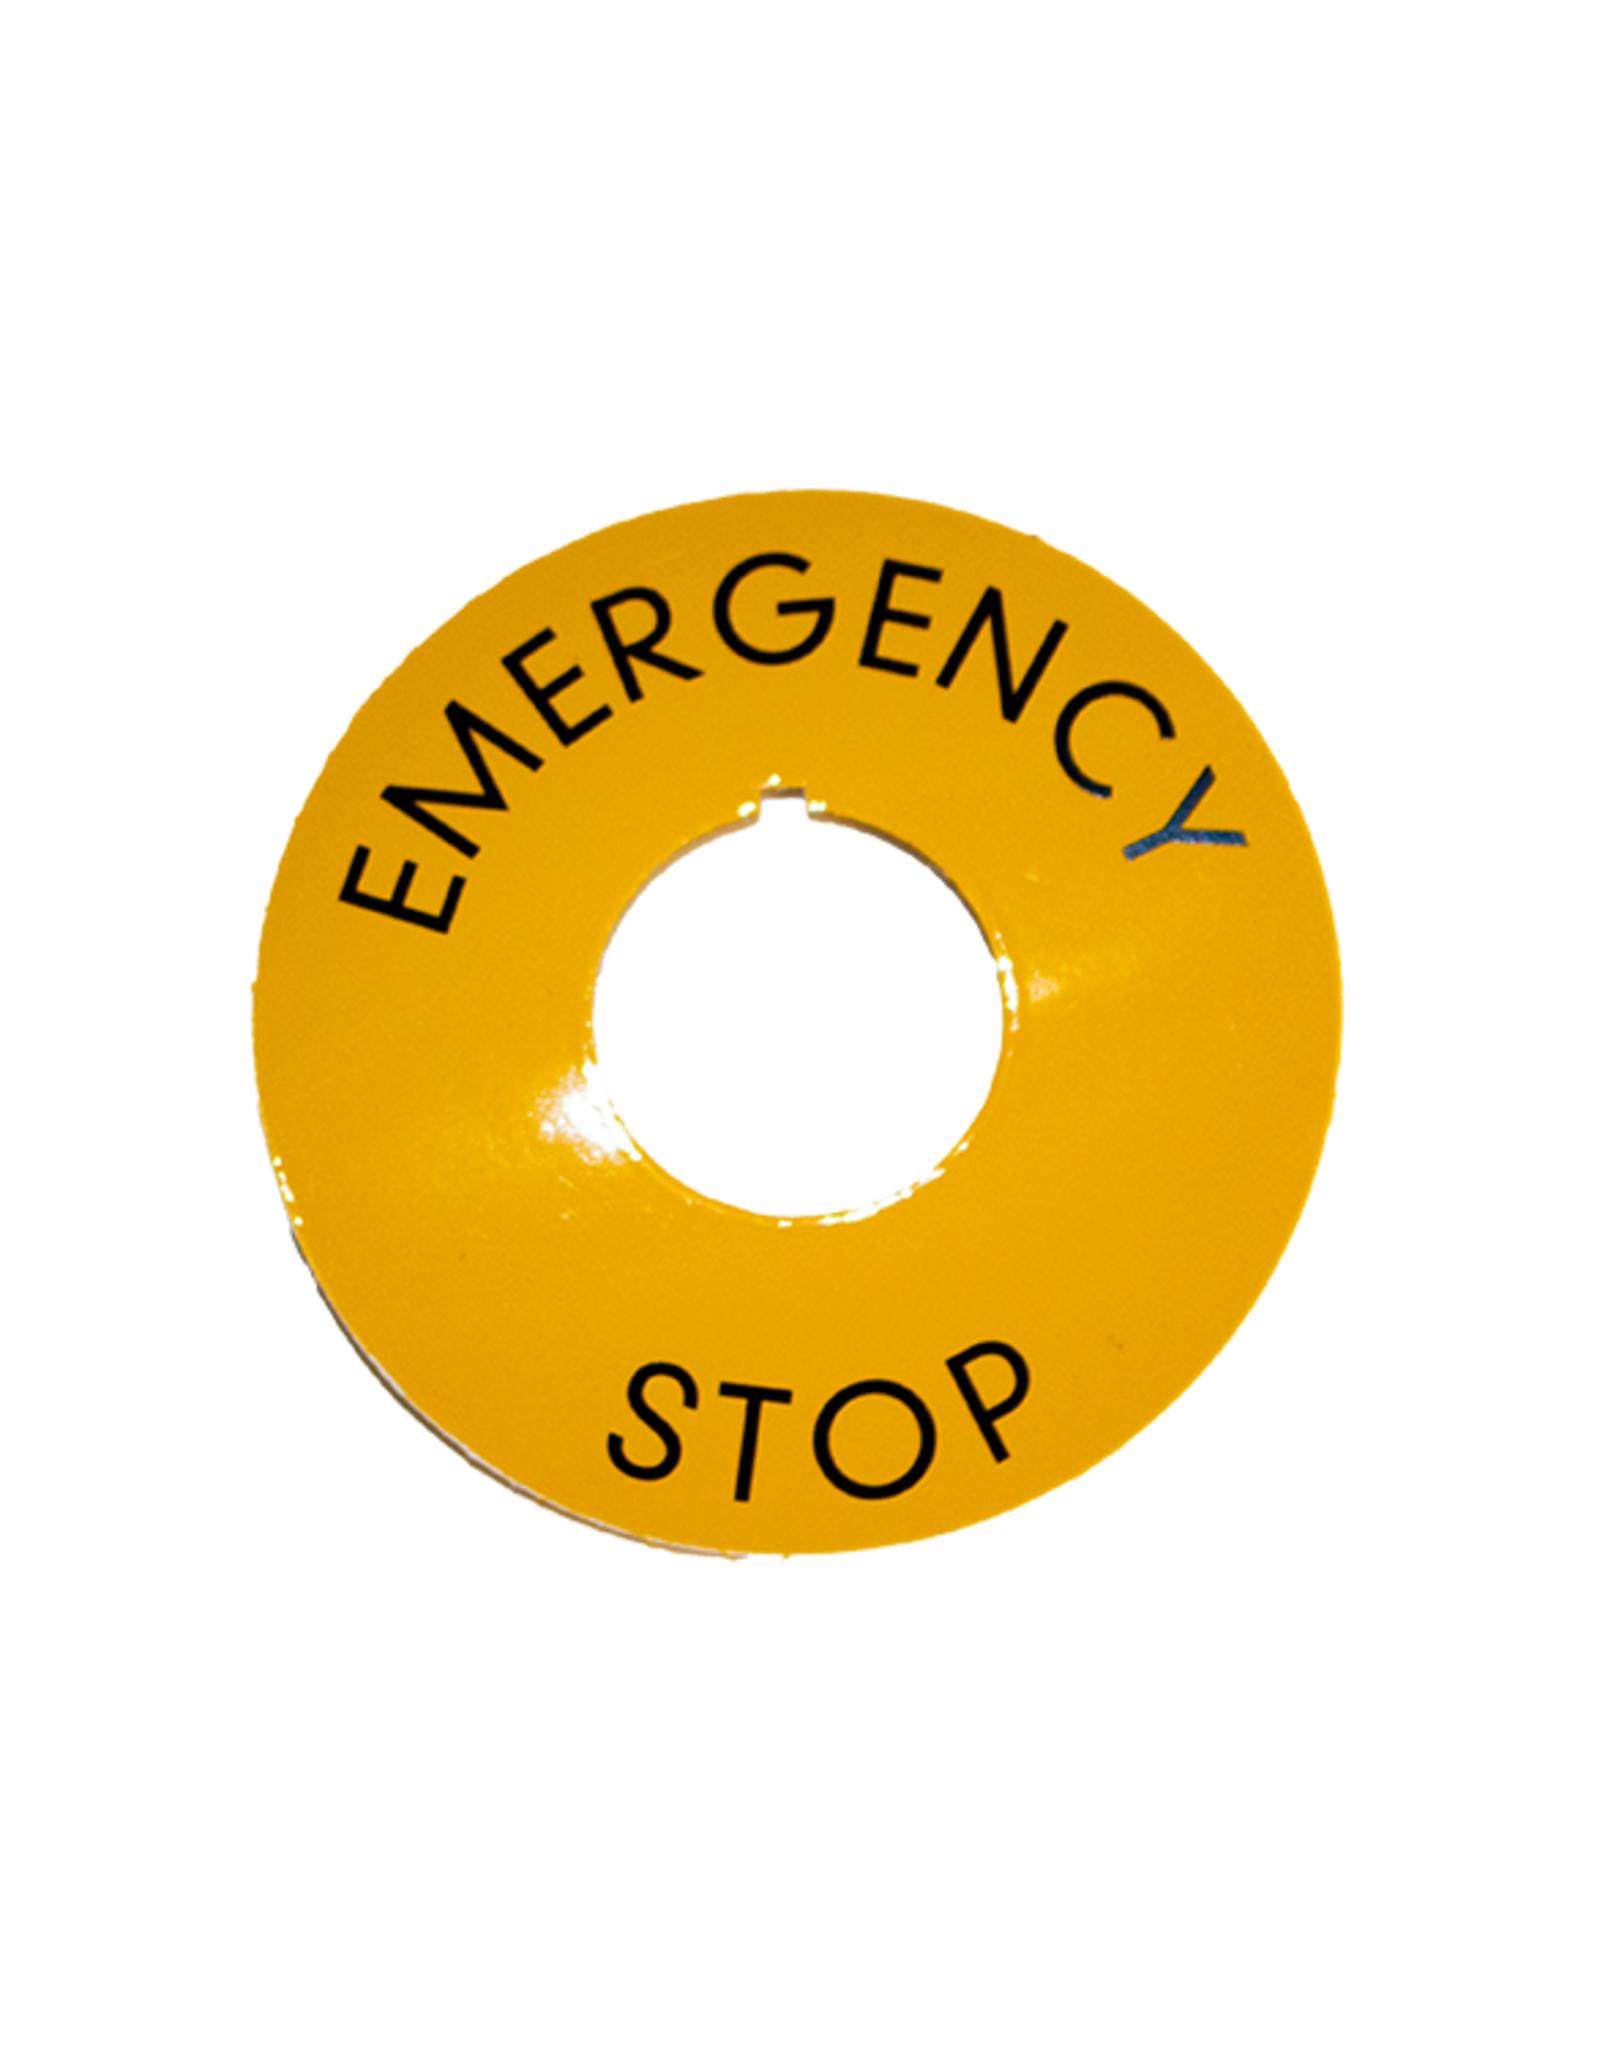 VLB Bread Slicers Étiquette d'urgence (bague d'arrêt)